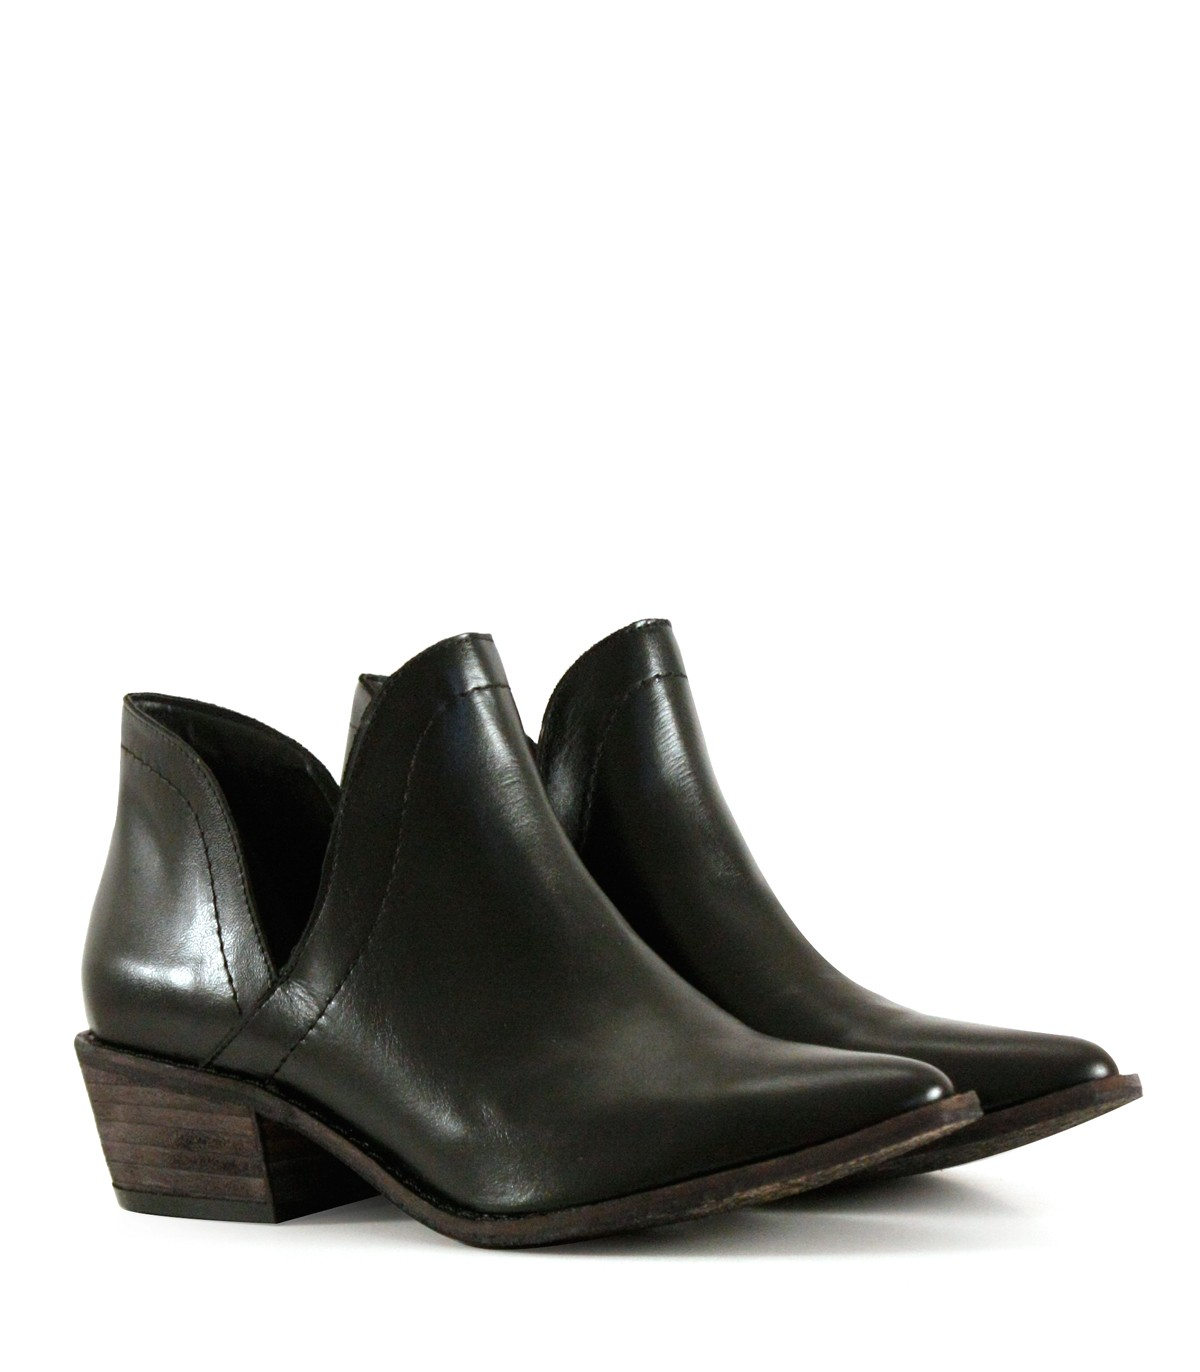 0e161ec4 Botas cortas de cuero en negro con corte lateral| Mujeres | Batistella